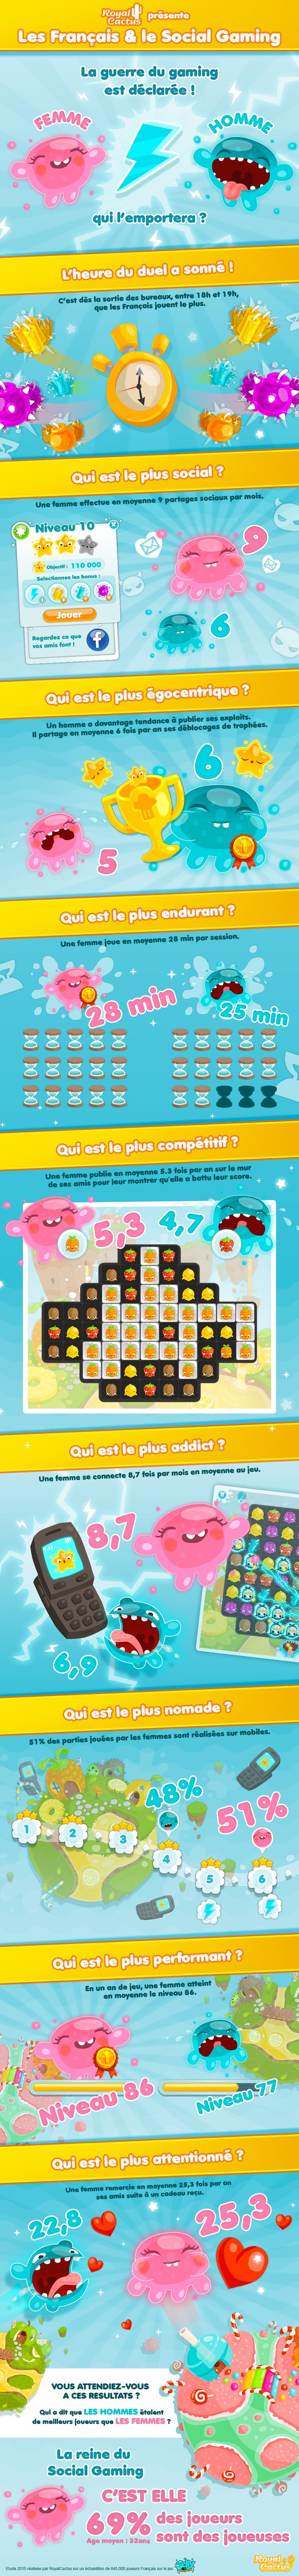 Les Français et le gaming - Spéciale journée de la femme